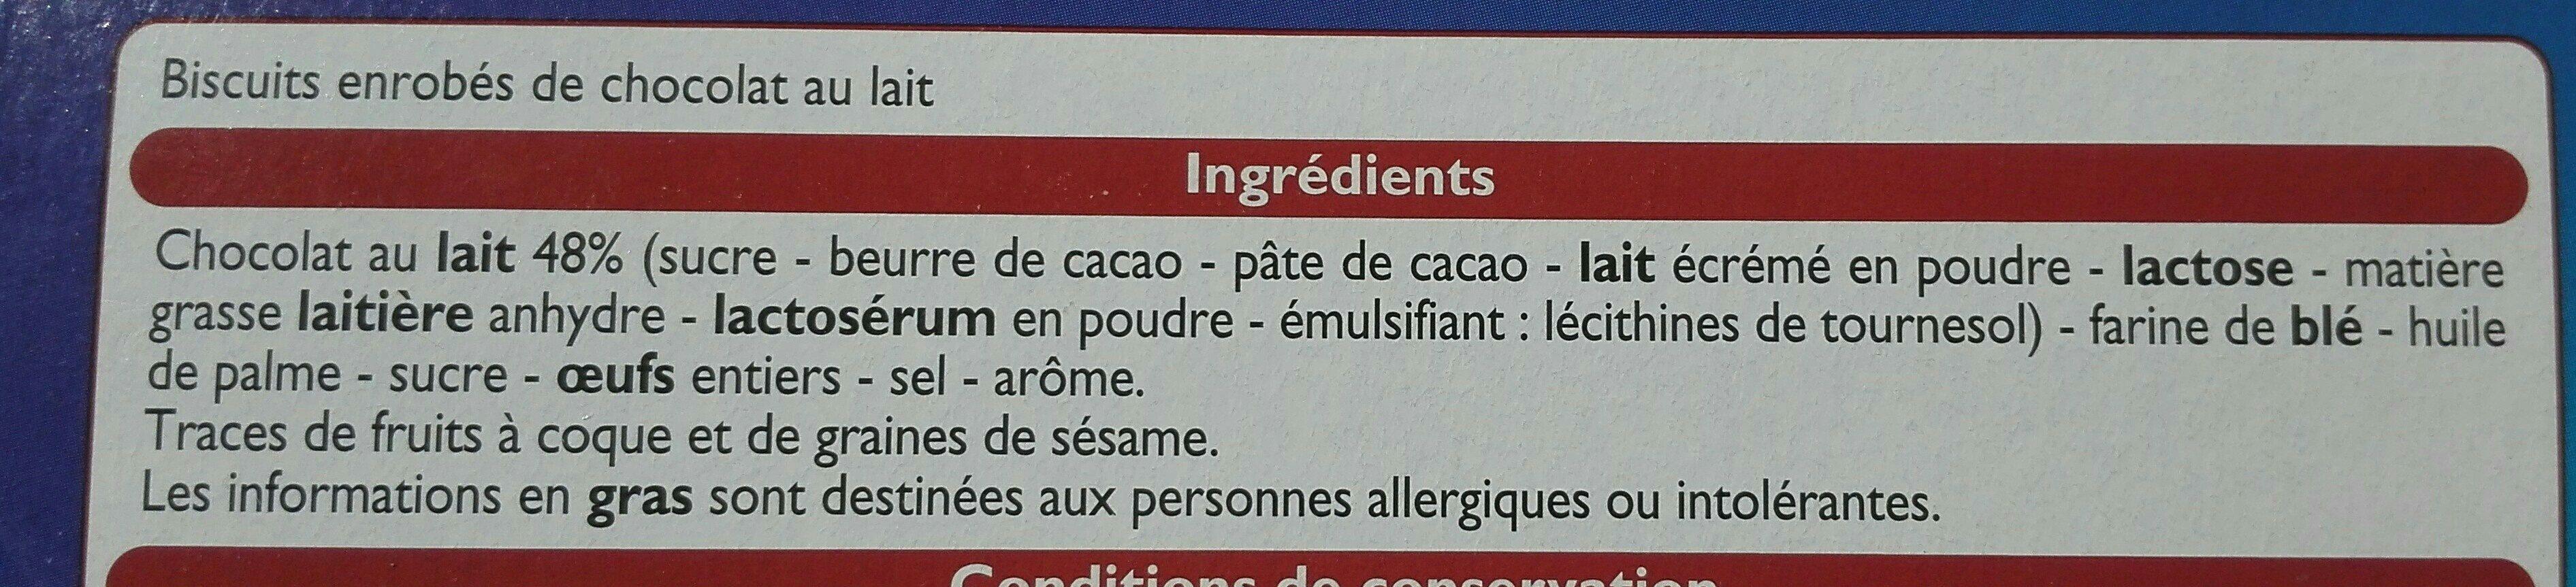 Choco sticks - Biscuits enrobés de chocolat au lait - Ingrédients - fr